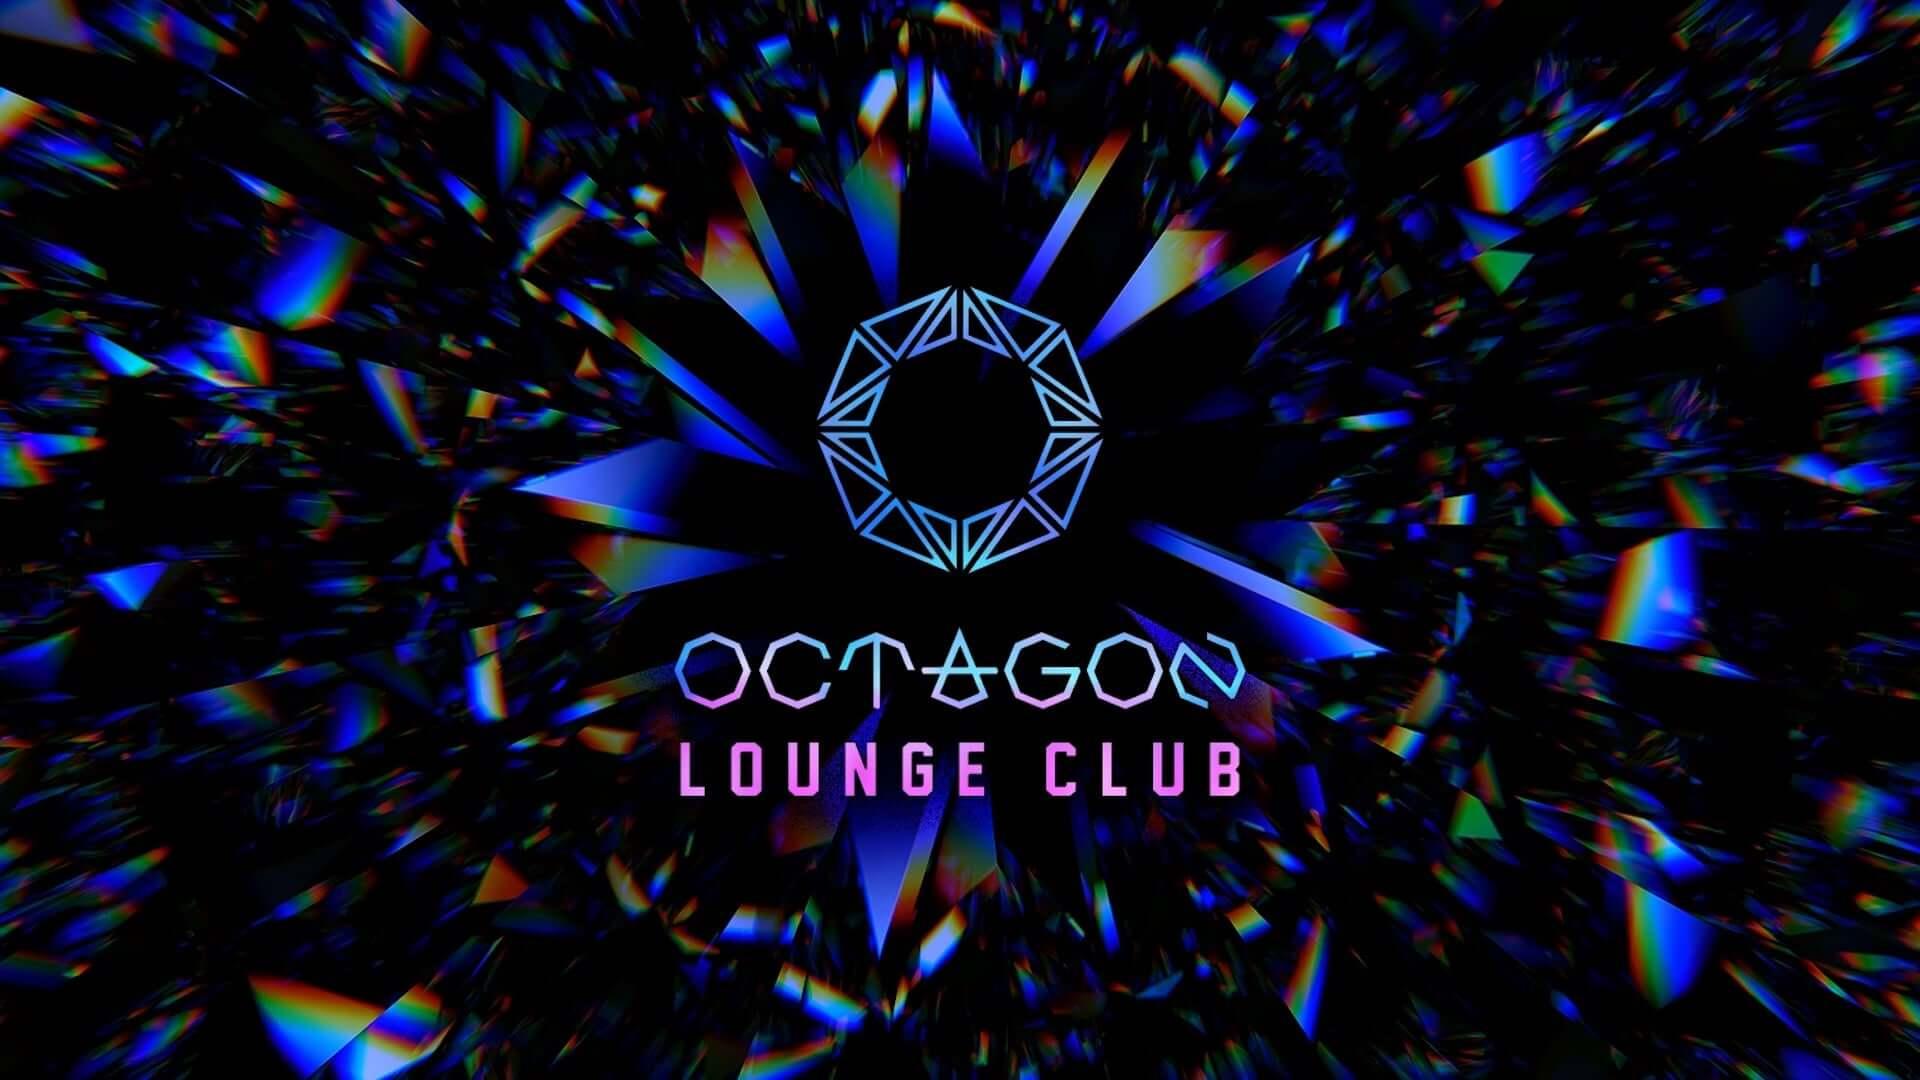 六本木「SEL OCTAGON TOKYO」が日本初のラウンジクラブとしてリニューアルオープン!個室感覚の新たなナイトライフを提案 music201006_sel-octagon-tokyo_18-1920x1080